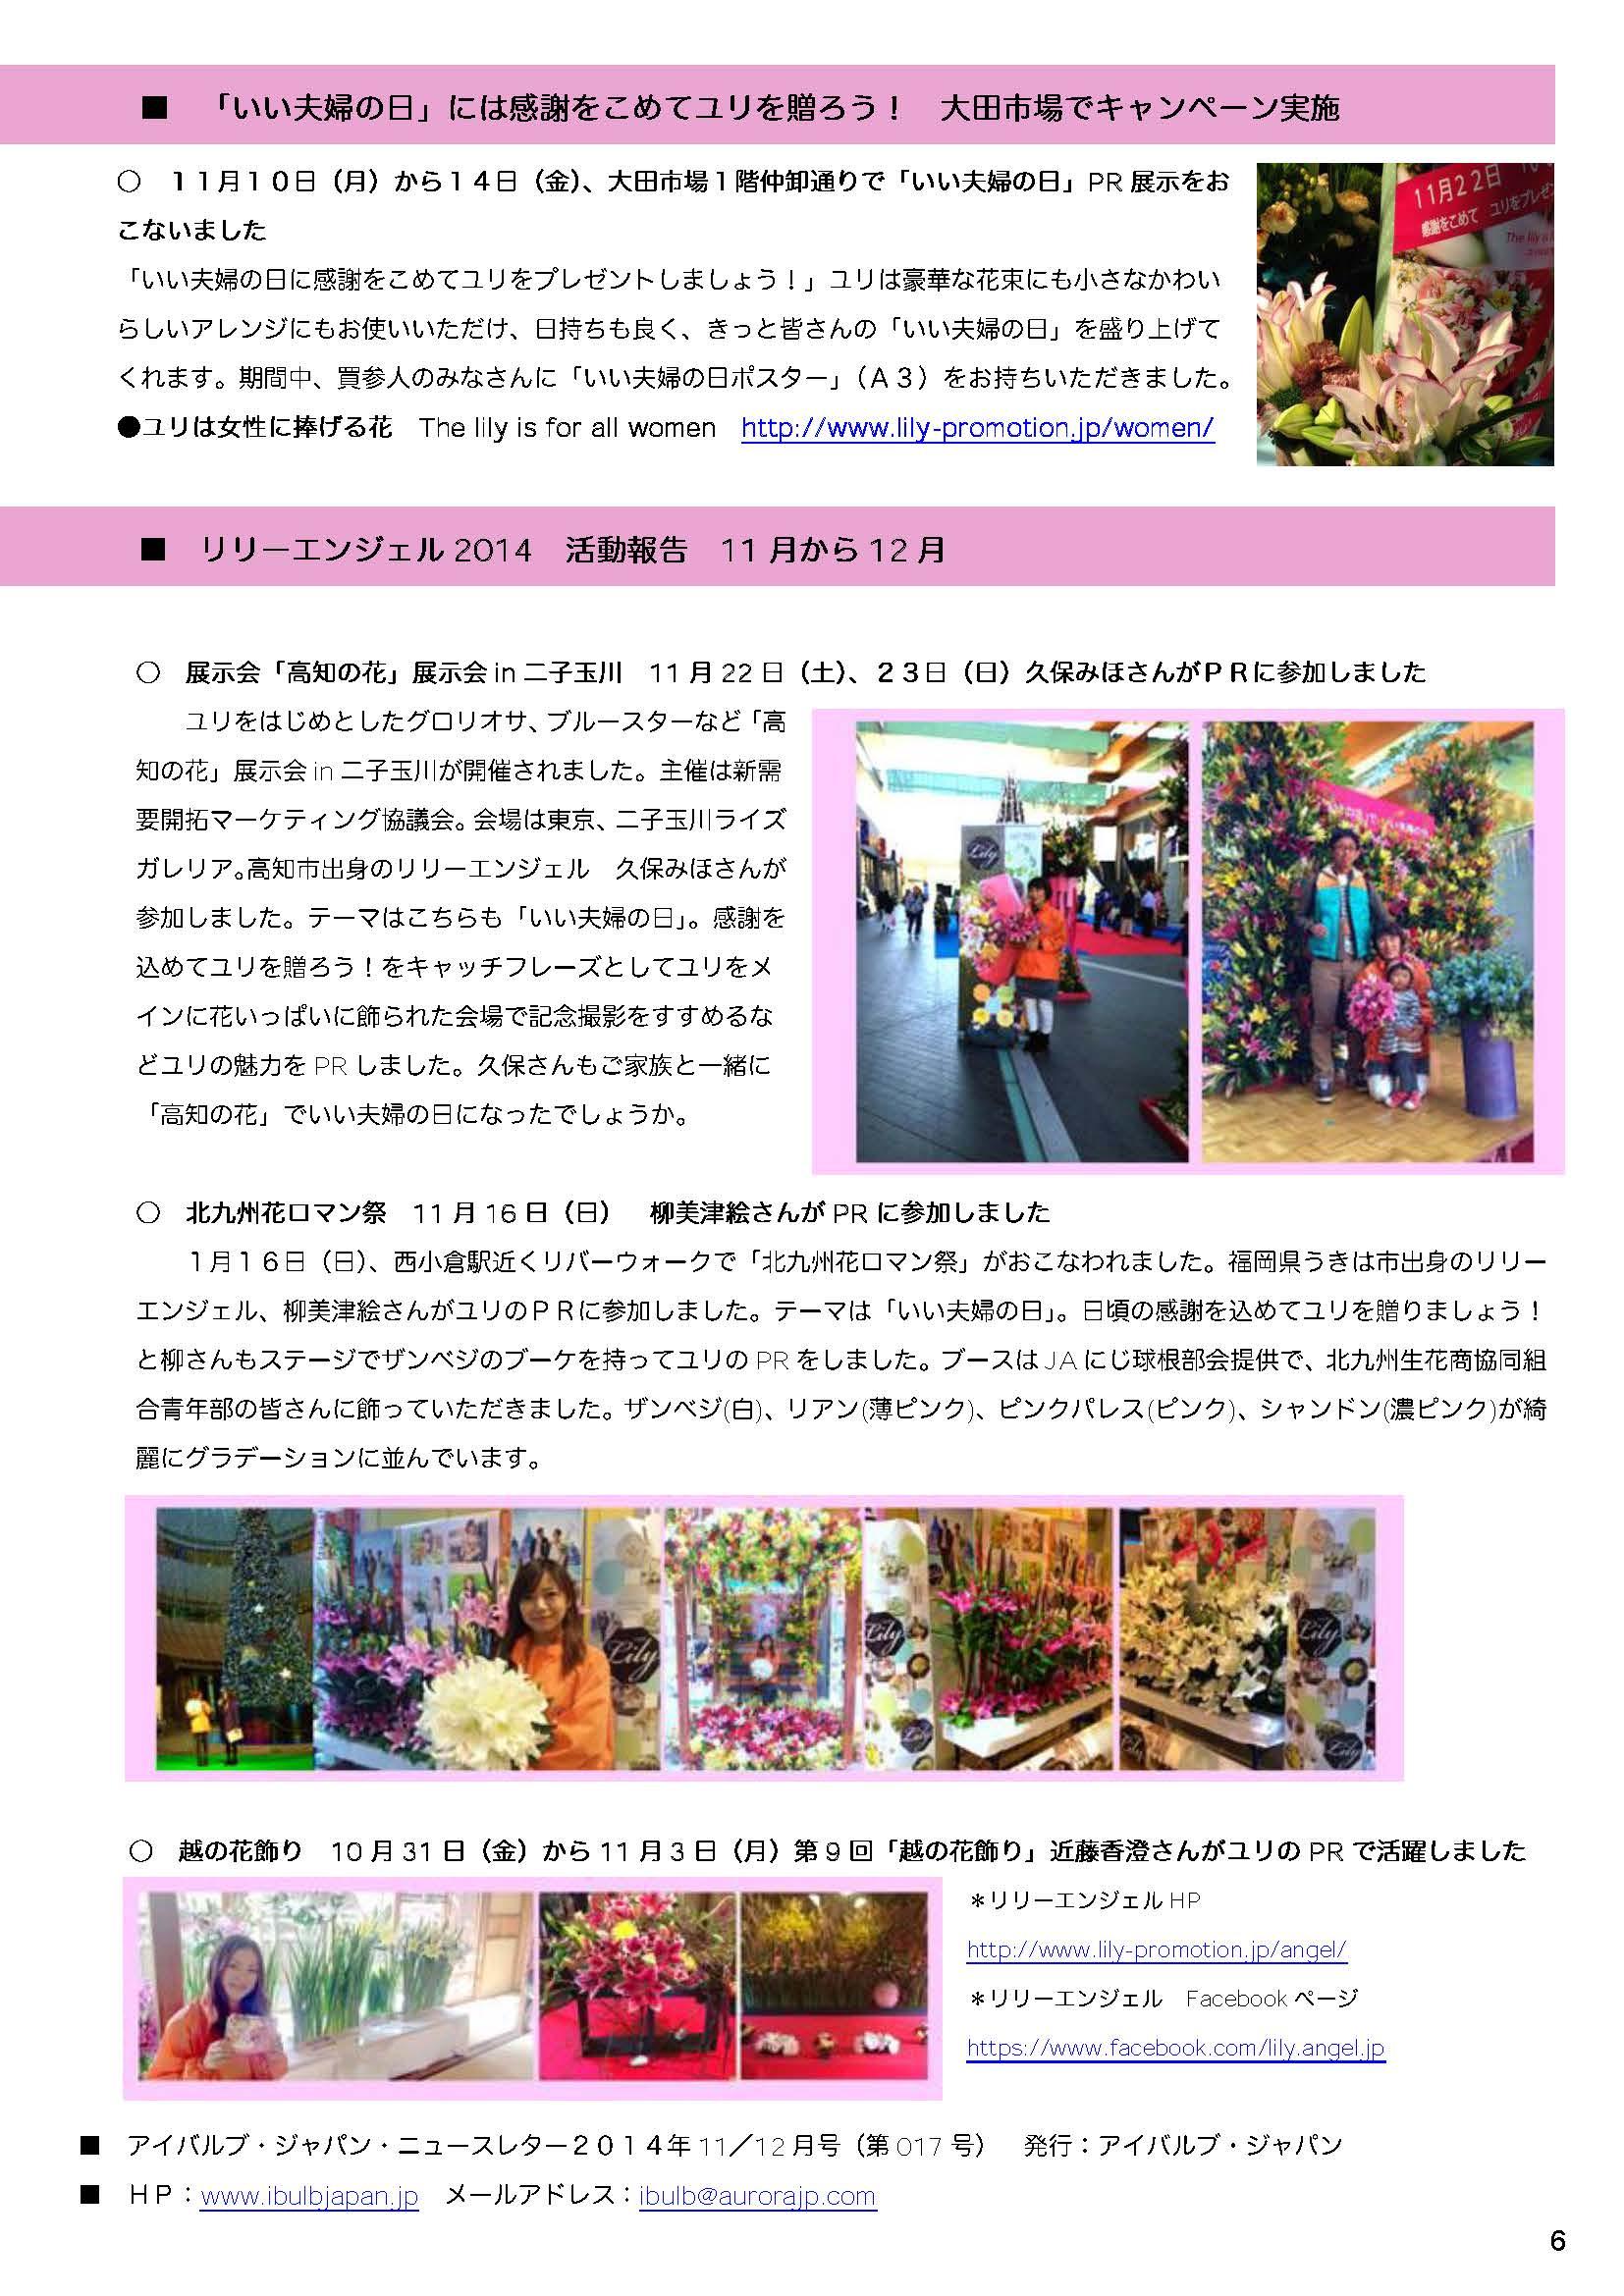 アイバルブ・ジャパン ニュースレター 2014年11/12月号(2014/12/11)